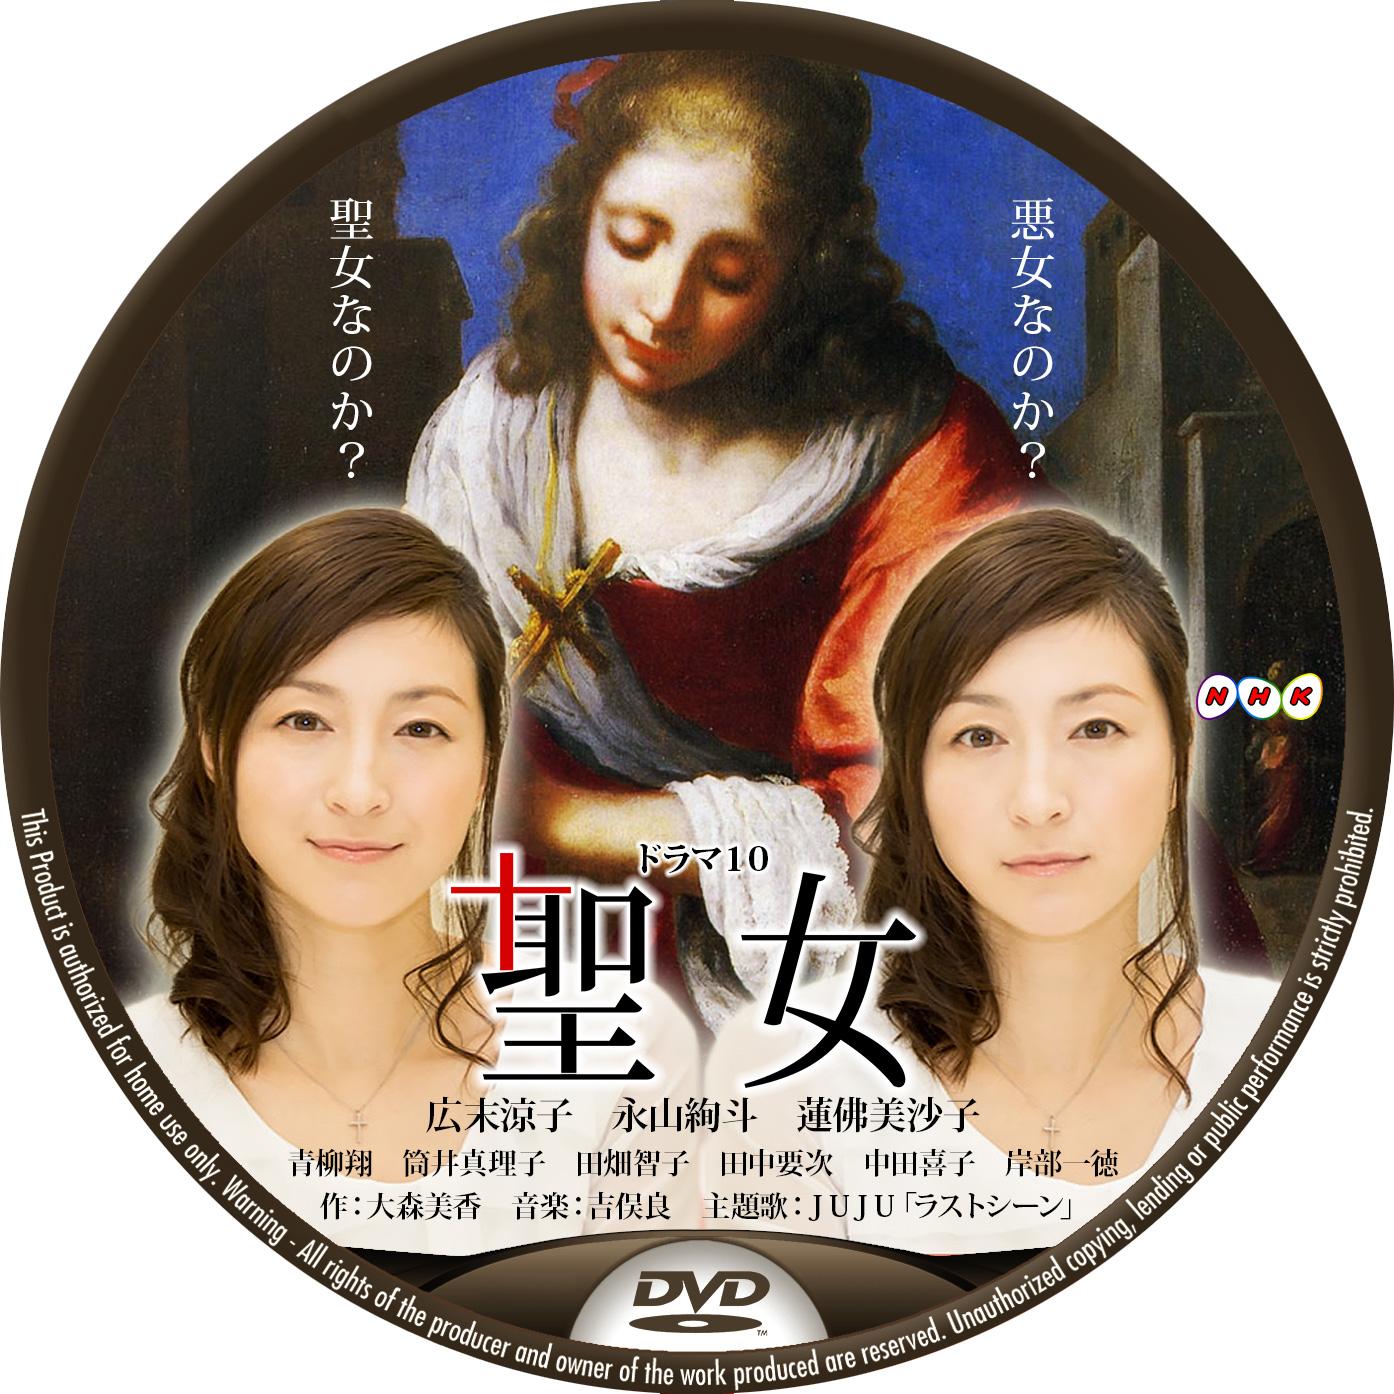 聖女 NHK ドラマ10 広末涼子 DVDラベル